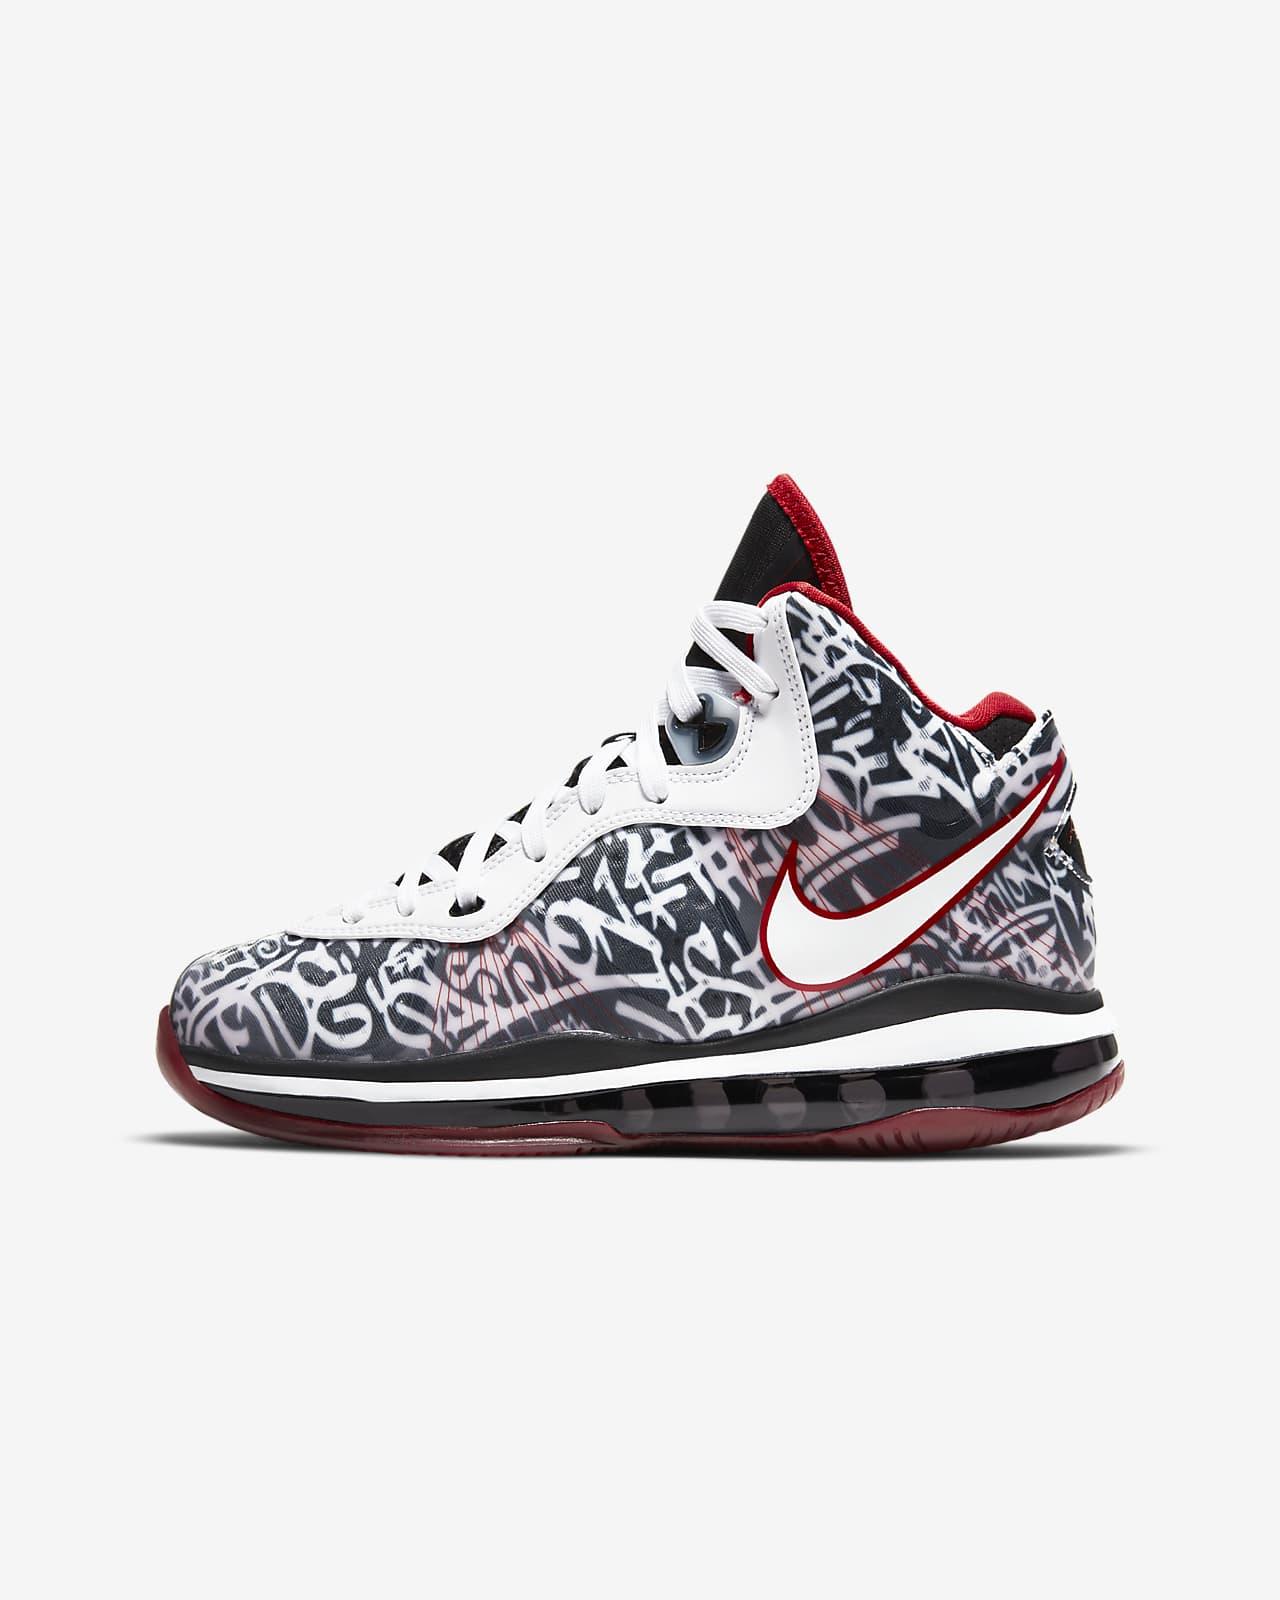 Nike LeBron 8 sko til store barn